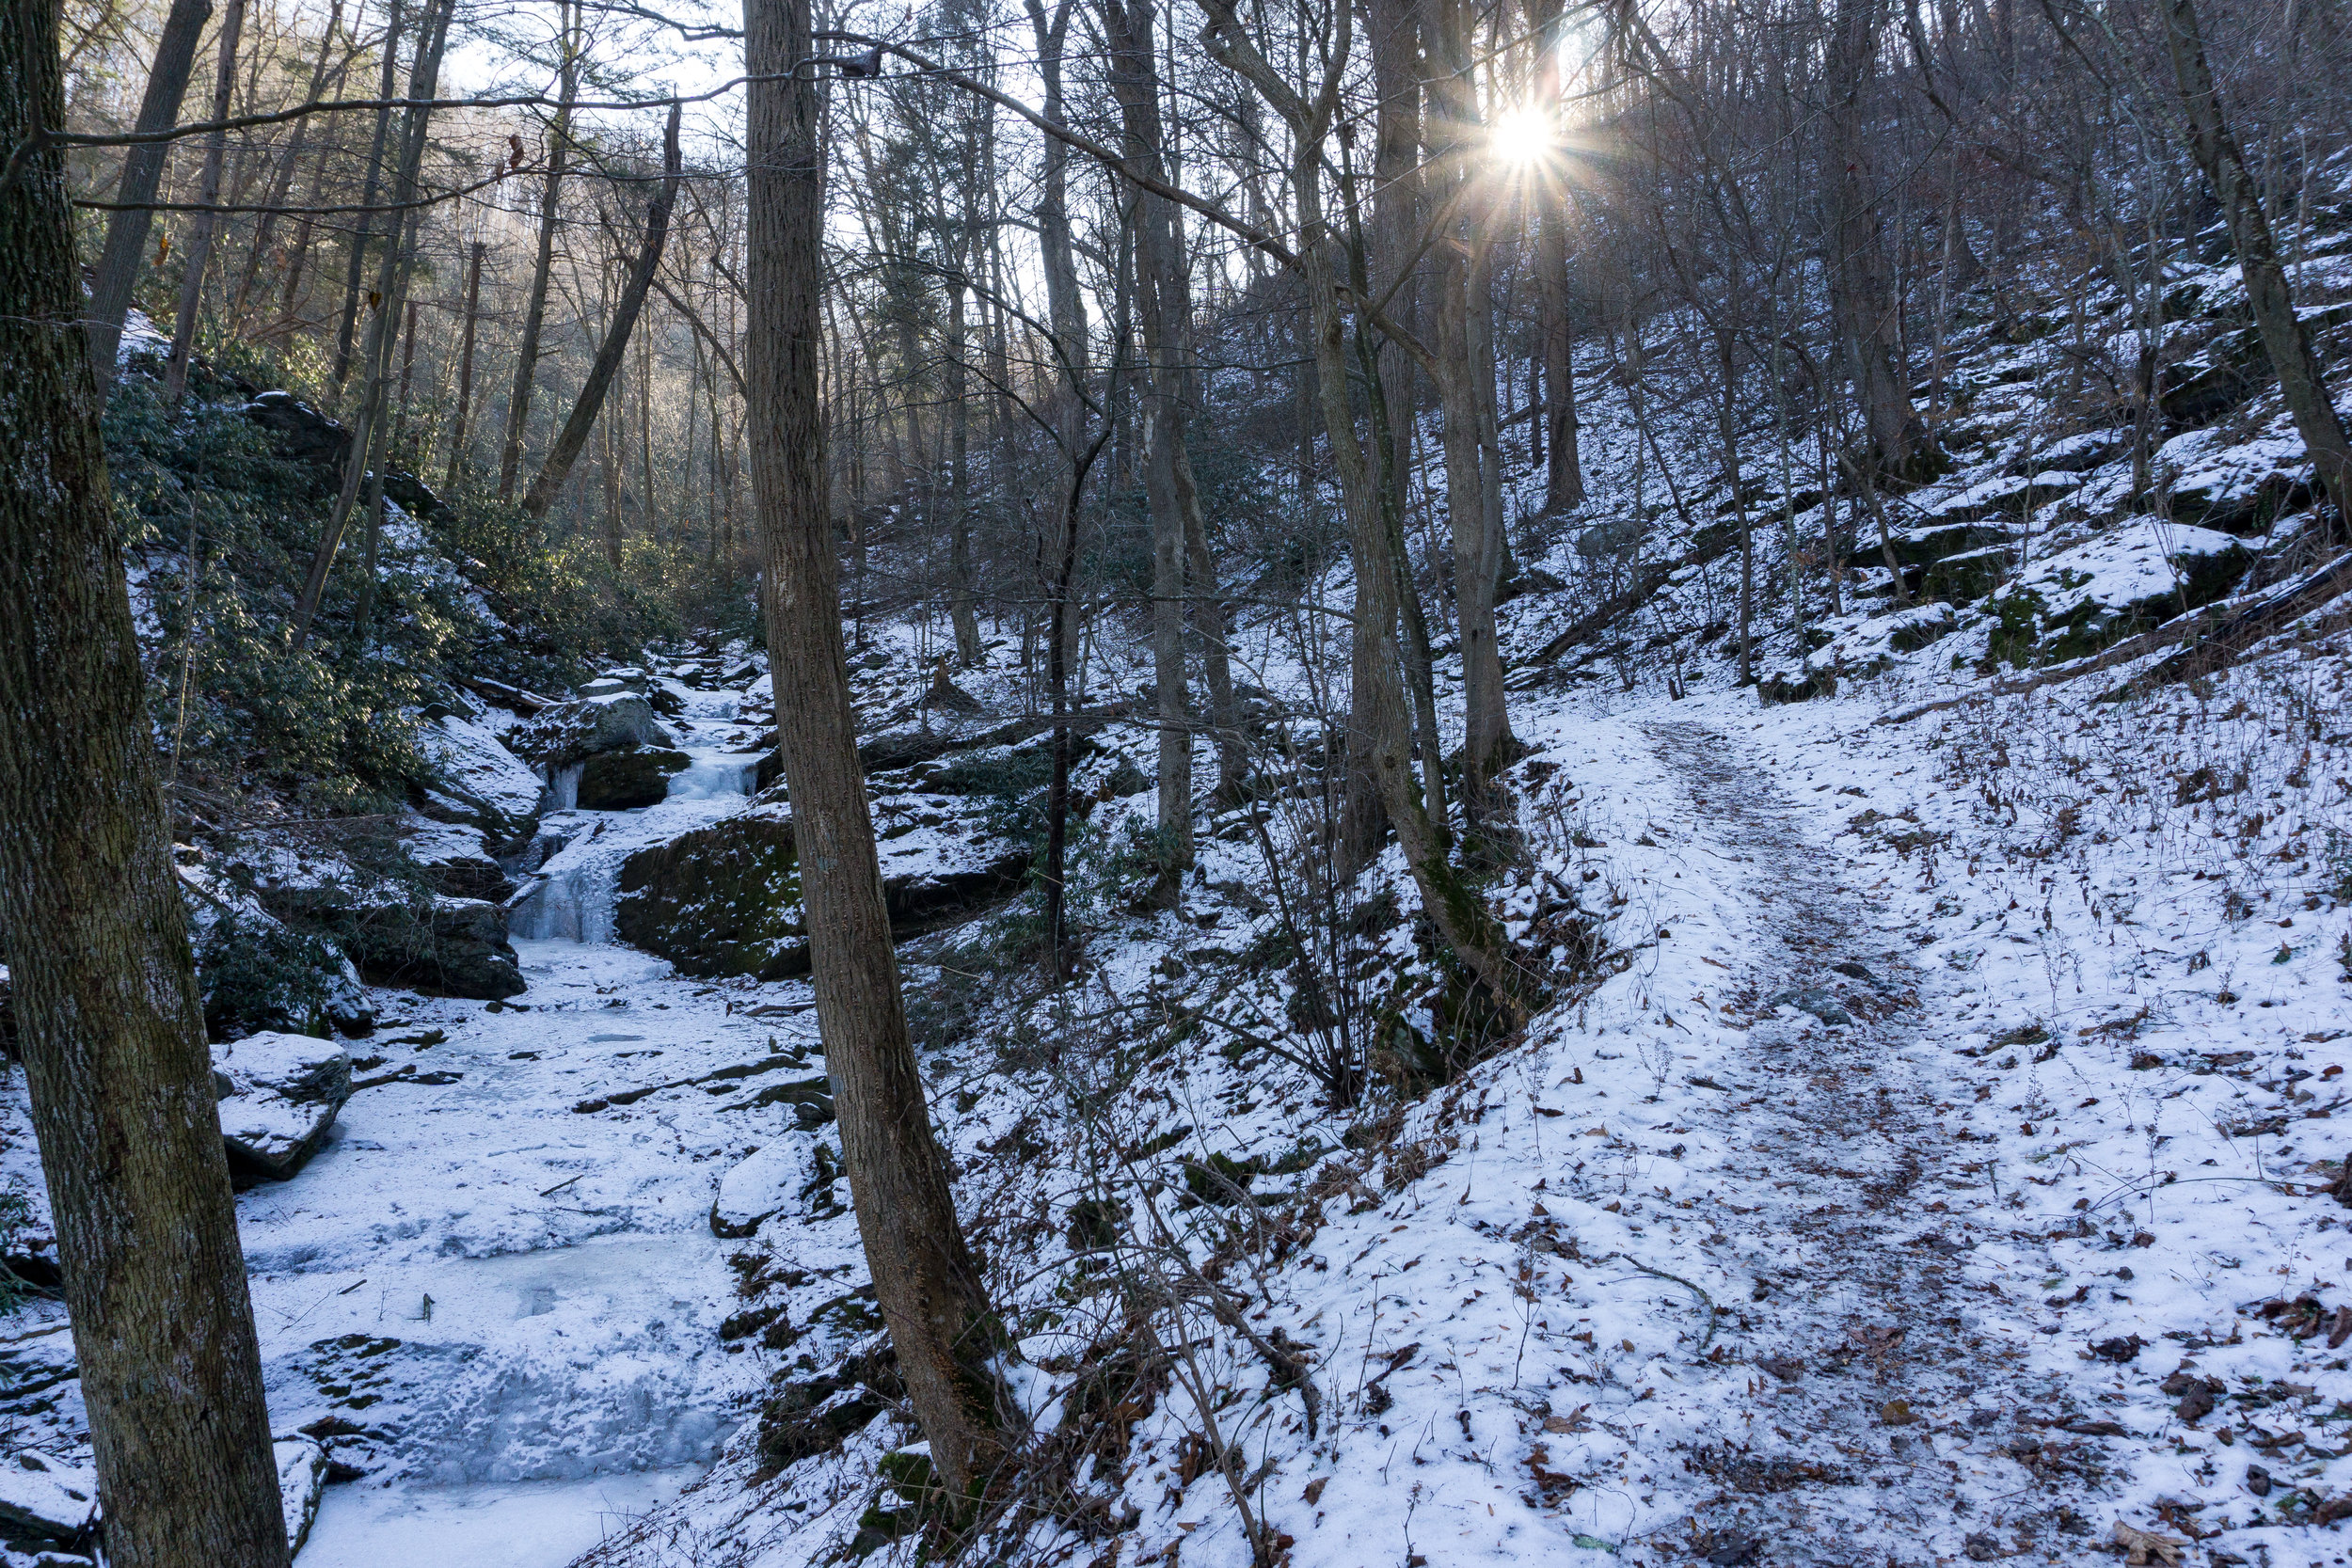 Mason Dixon trail Overlooking Millcreek Falls